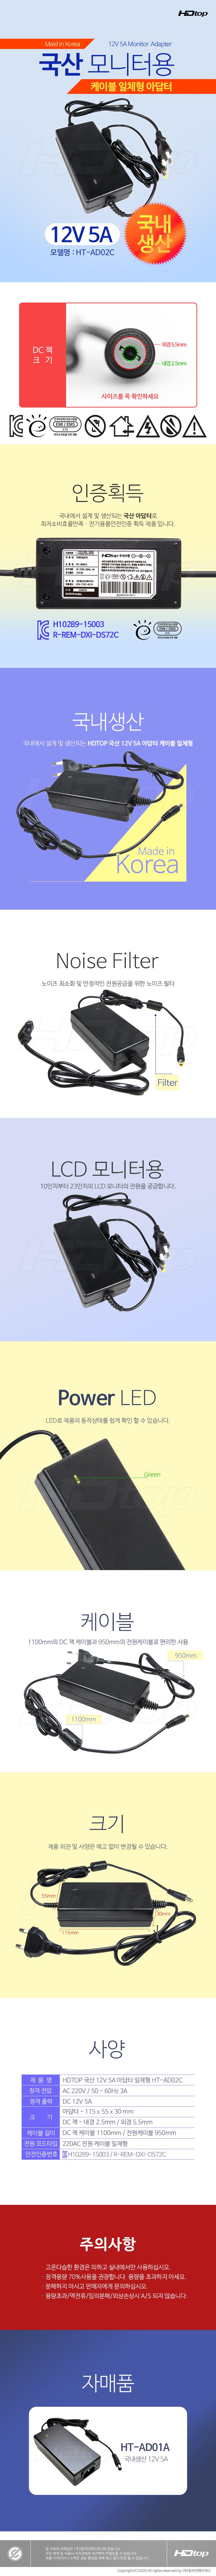 탑라인에이치디 HDTOP 국산 12V 5A 모니터 어댑터 일체형 HT-AD02C